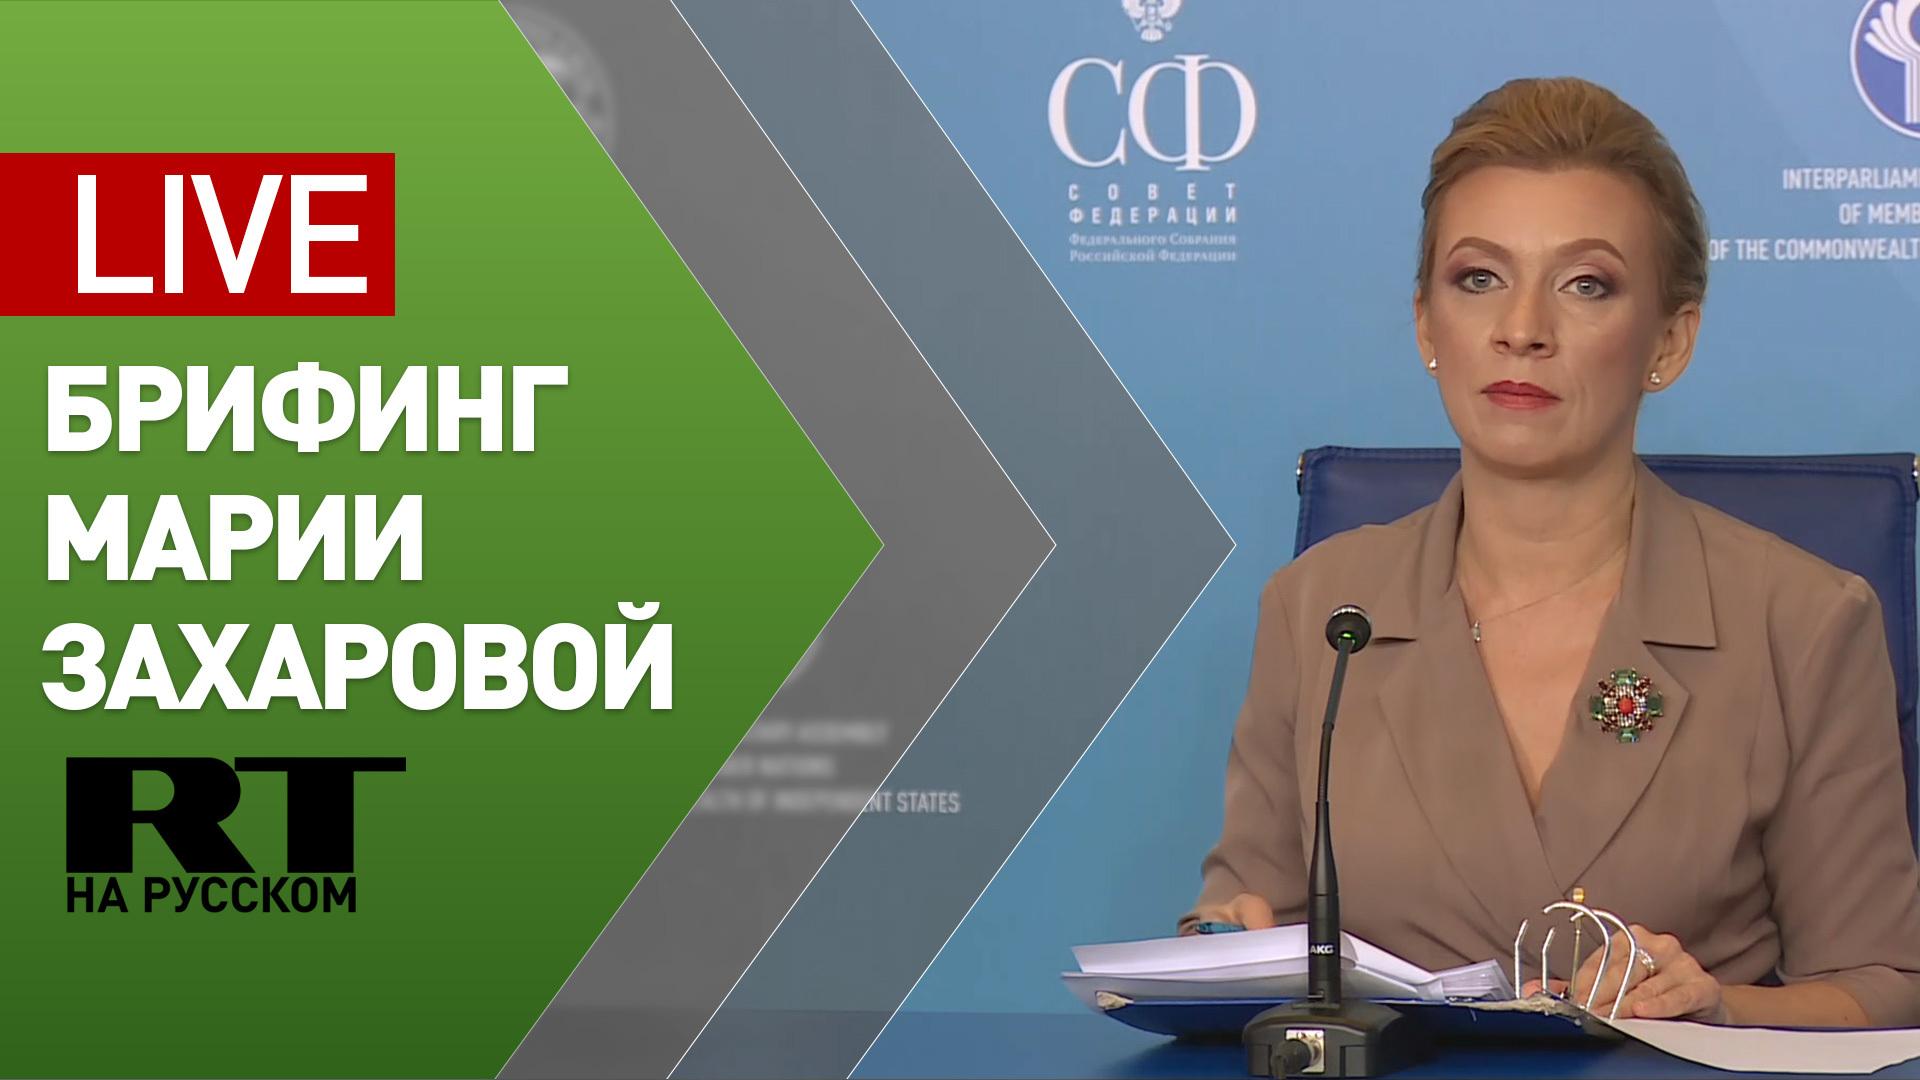 Мария Захарова проводит выездной брифинг по вопросам внешней политики — LIVE